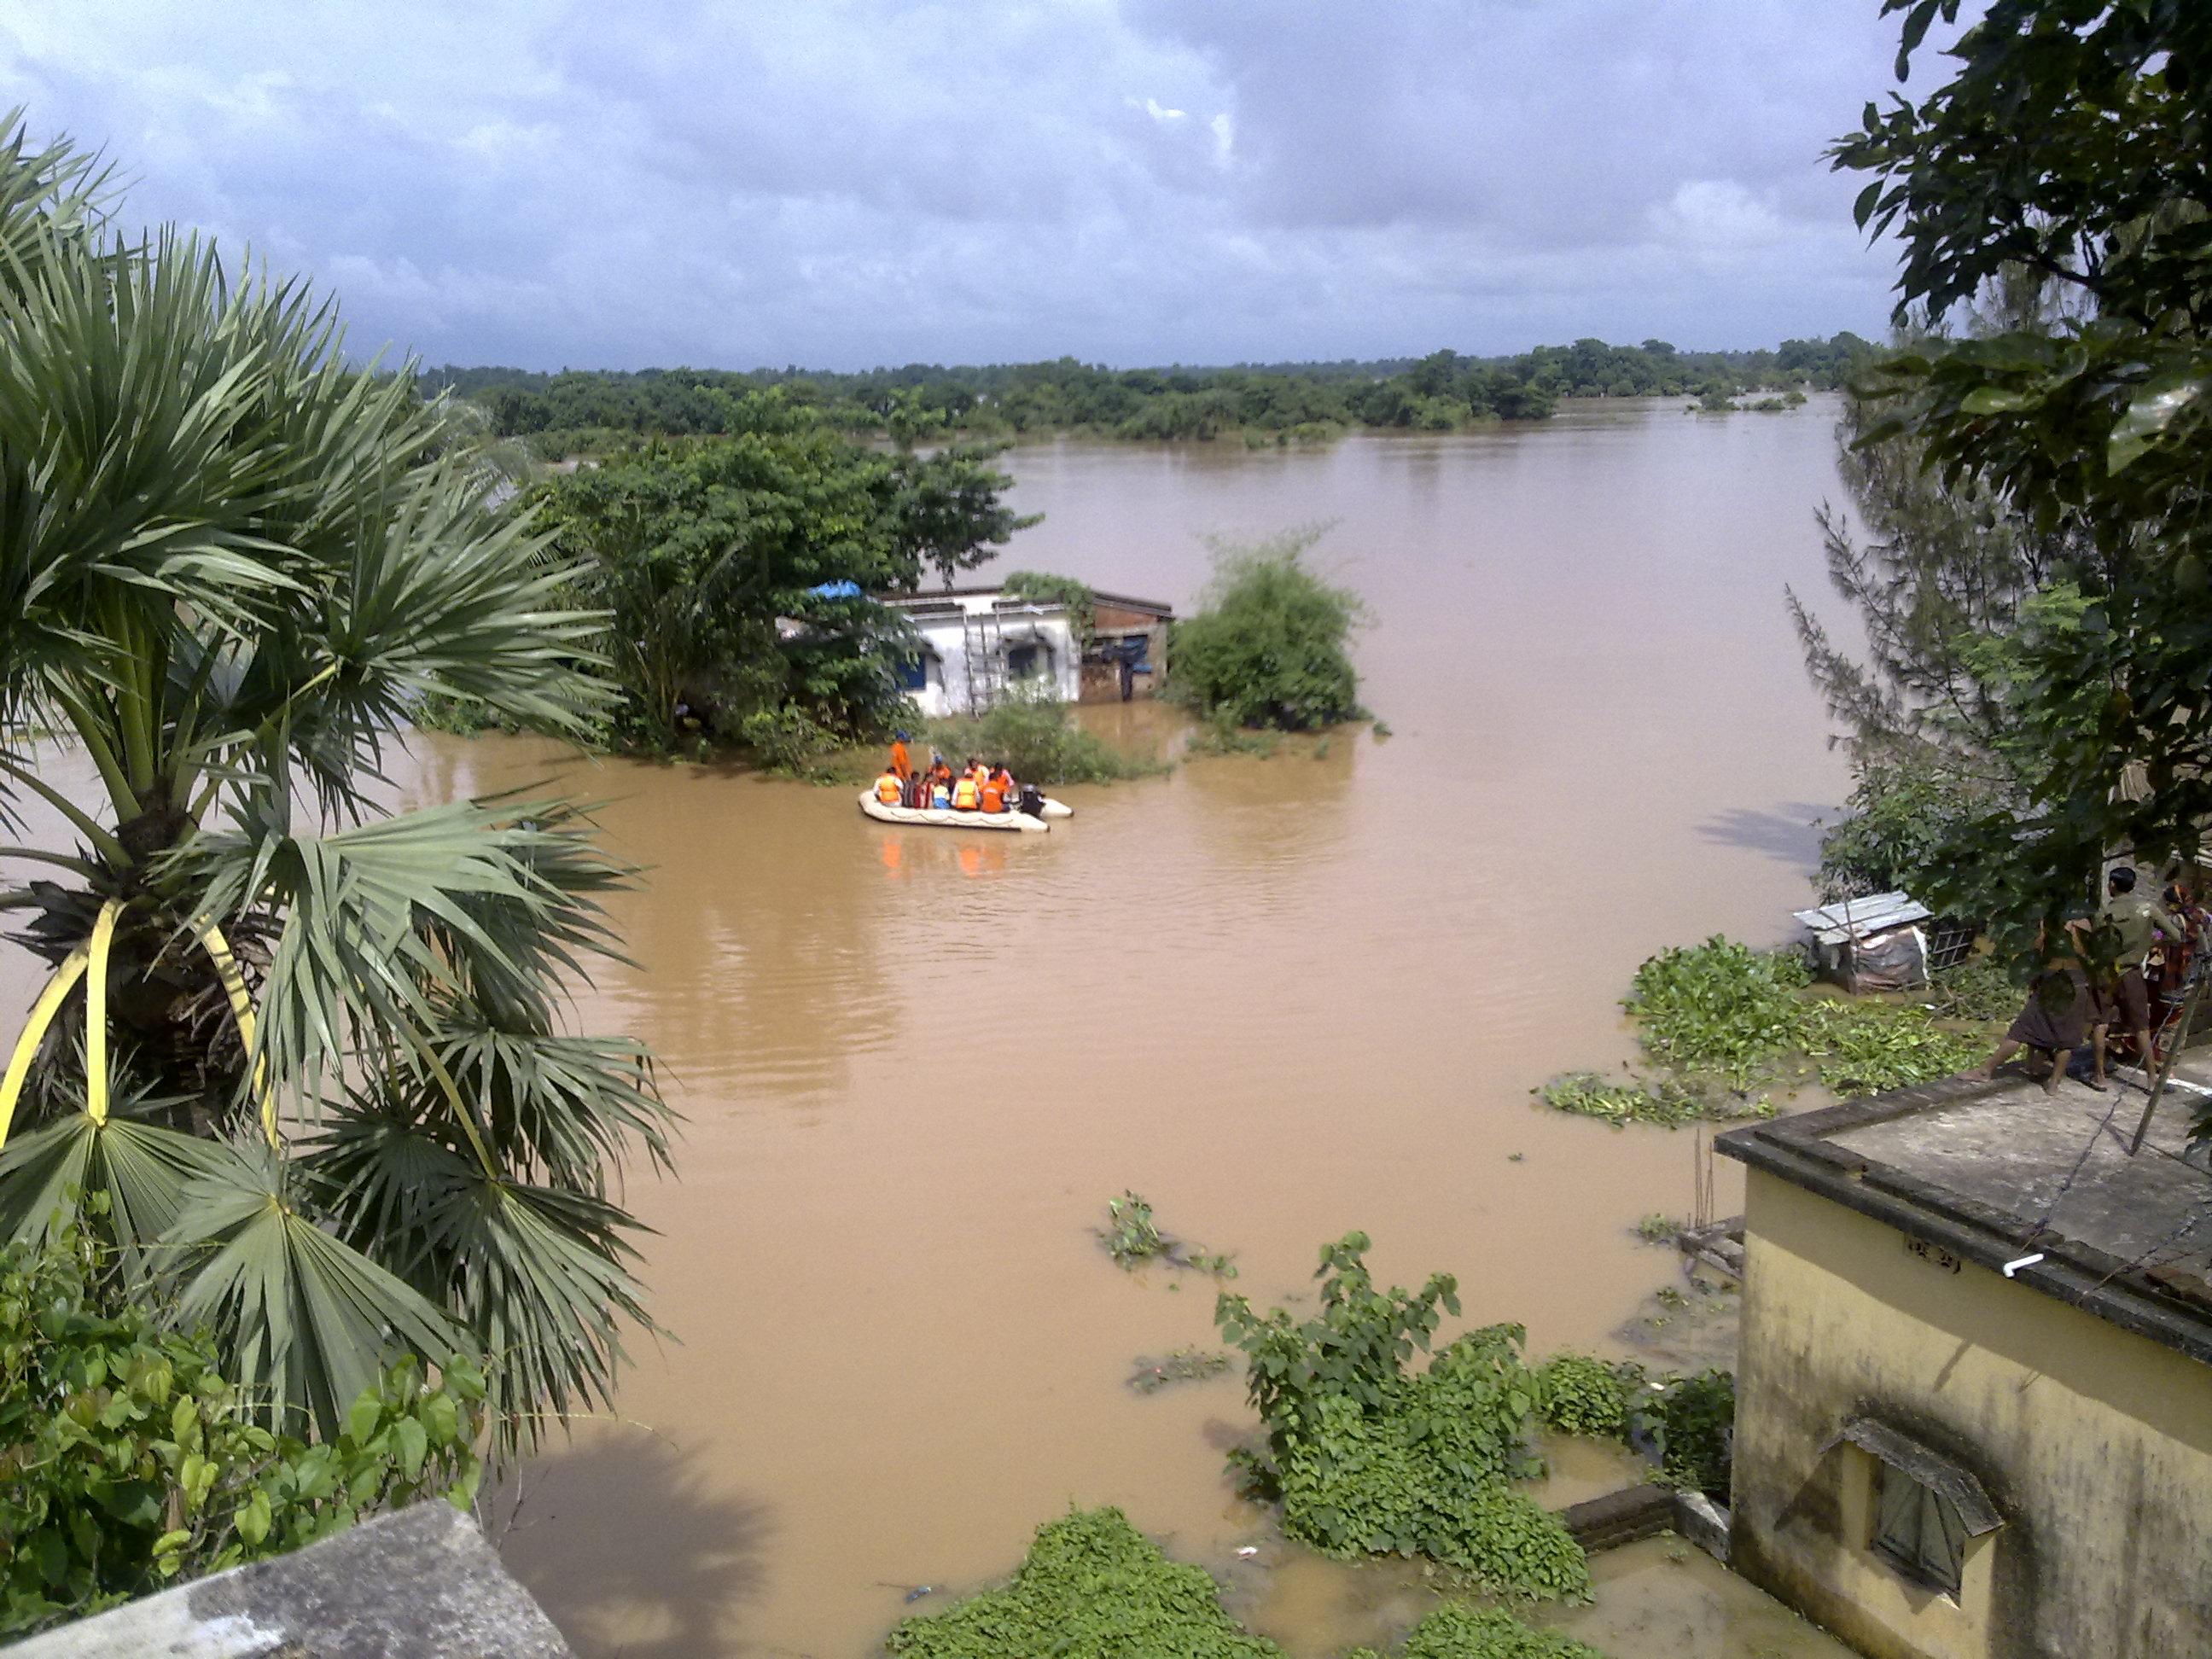 வியத்நாமில் தொடர் கன மழை24 பேர் பலி